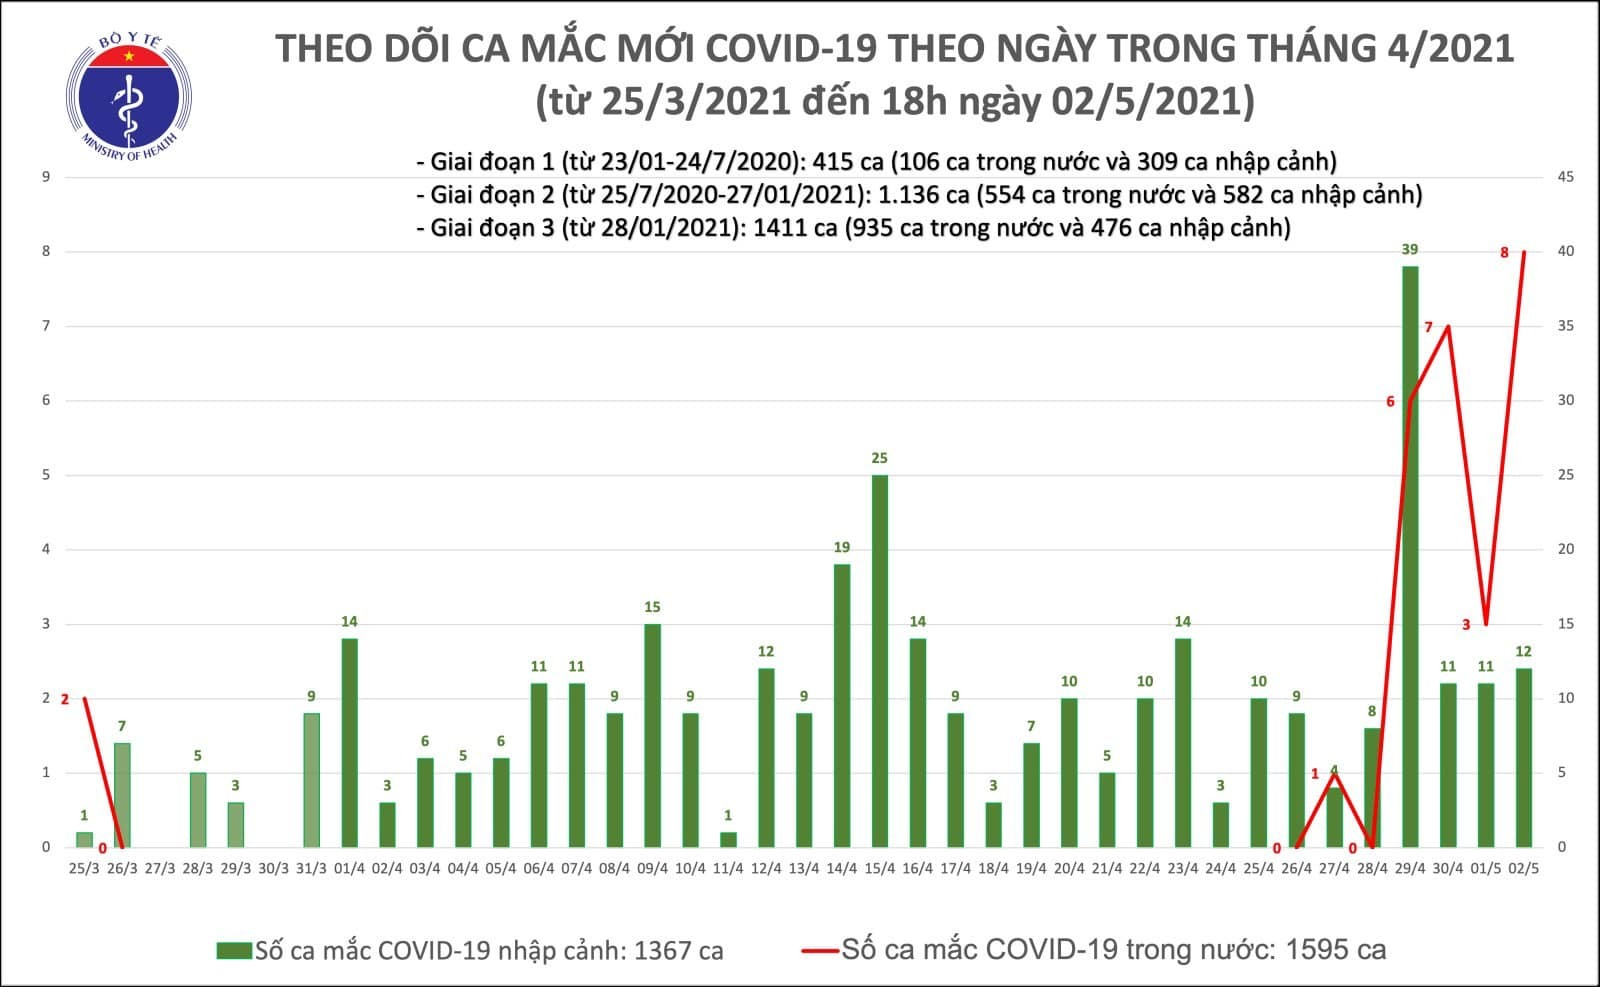 20 ca mắc Covid-19 mới, có 8 ca cộng đồng ở Vĩnh Phúc và Hà Nam